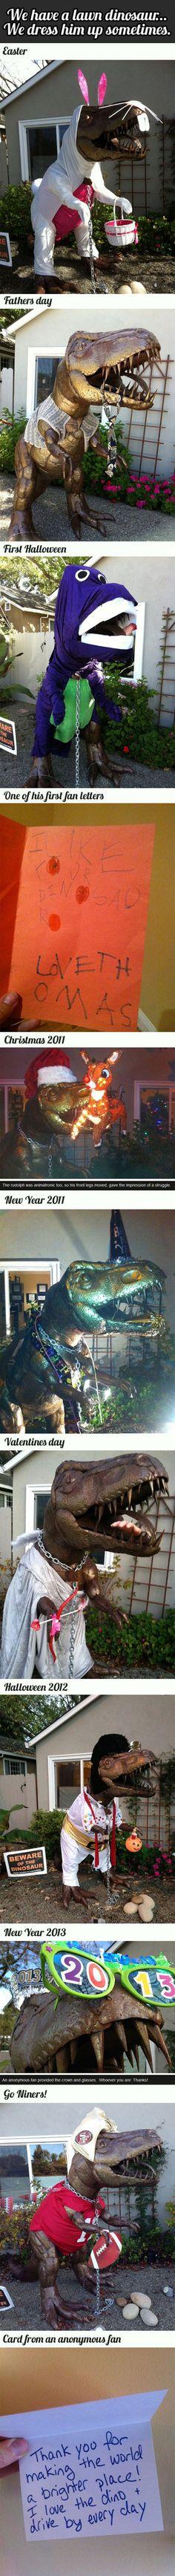 I want a lawn dinosaur